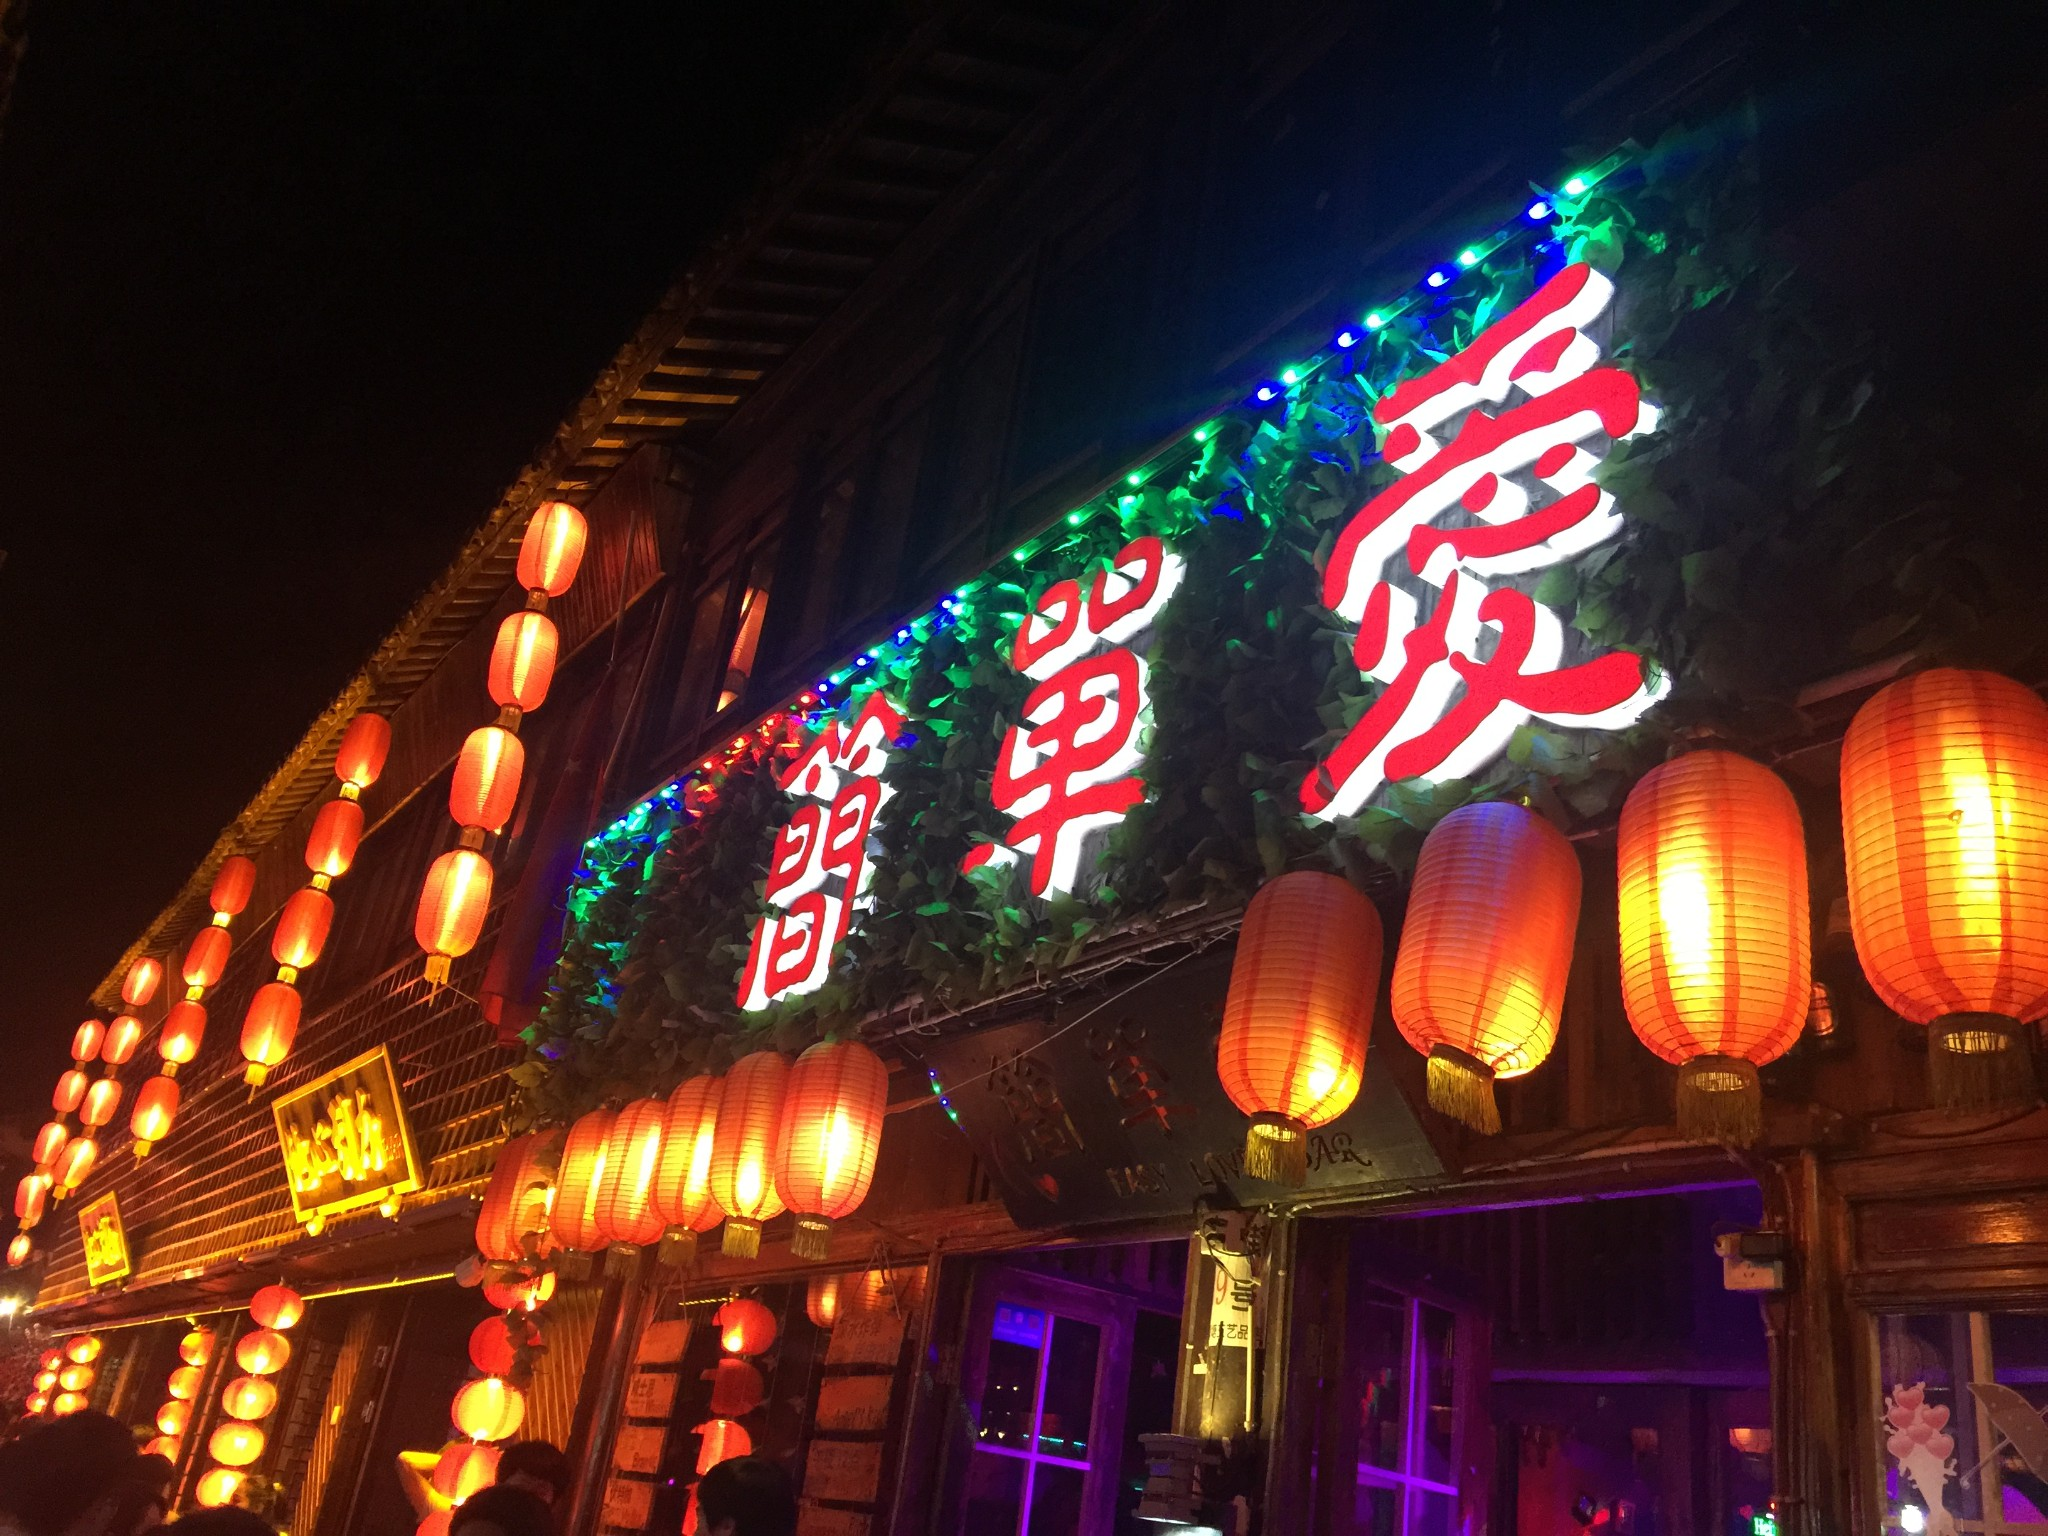 西塘酒吧一条街消费贵吗,西塘酒吧消费大概多少